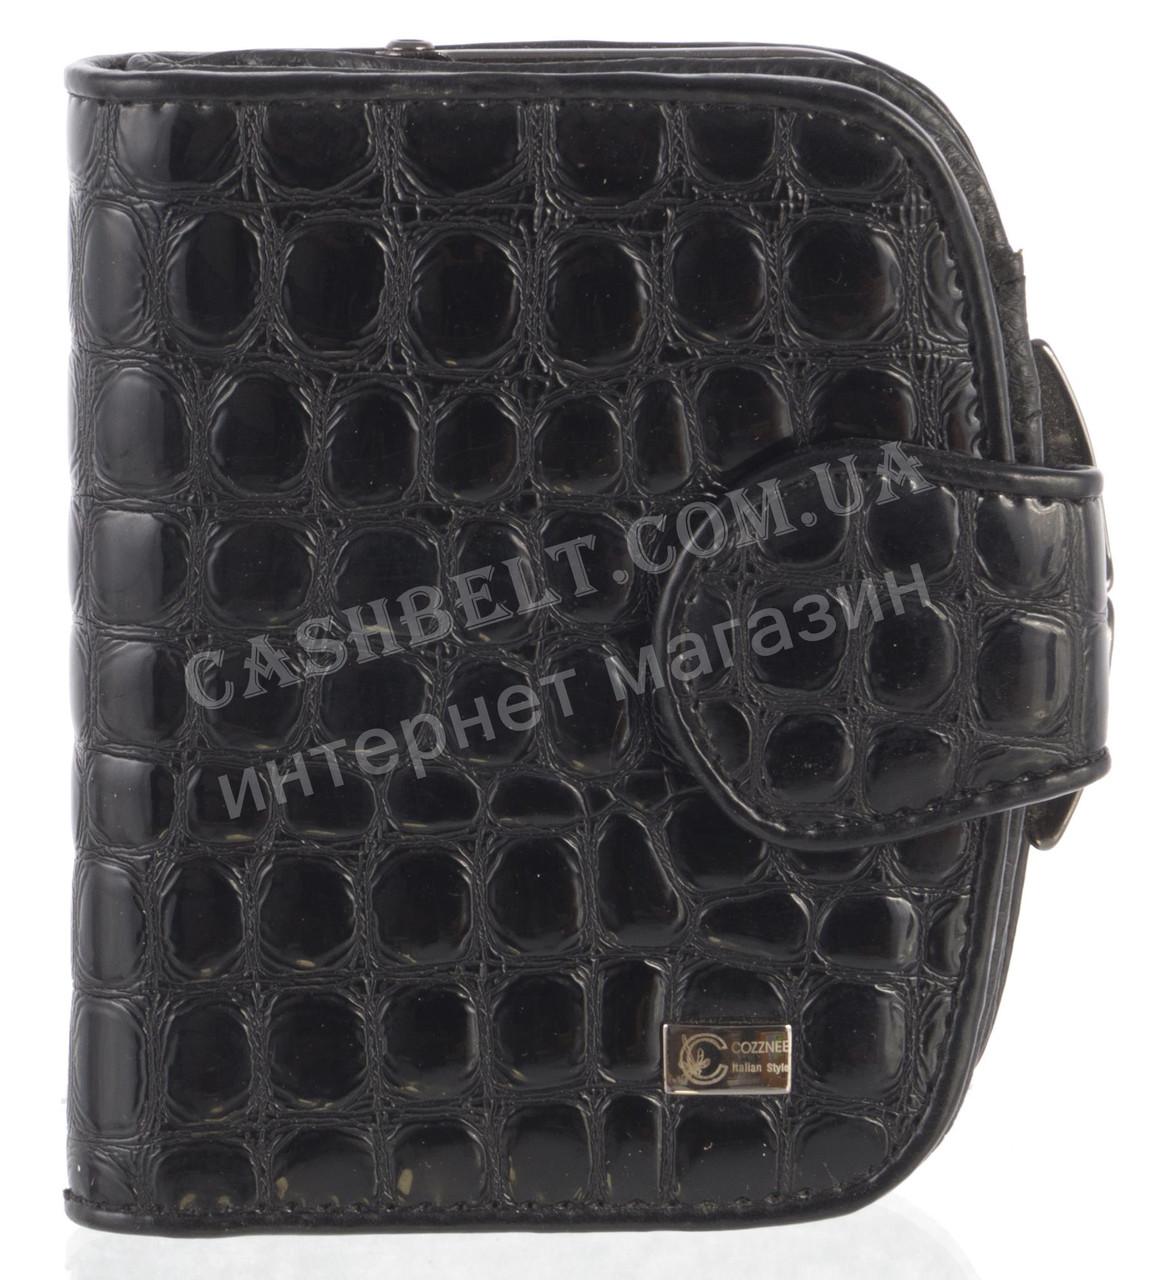 Стильный лаковый женский кожаный кошелек под рептилию высокого качества COZZNEE art. T906 301661 черный